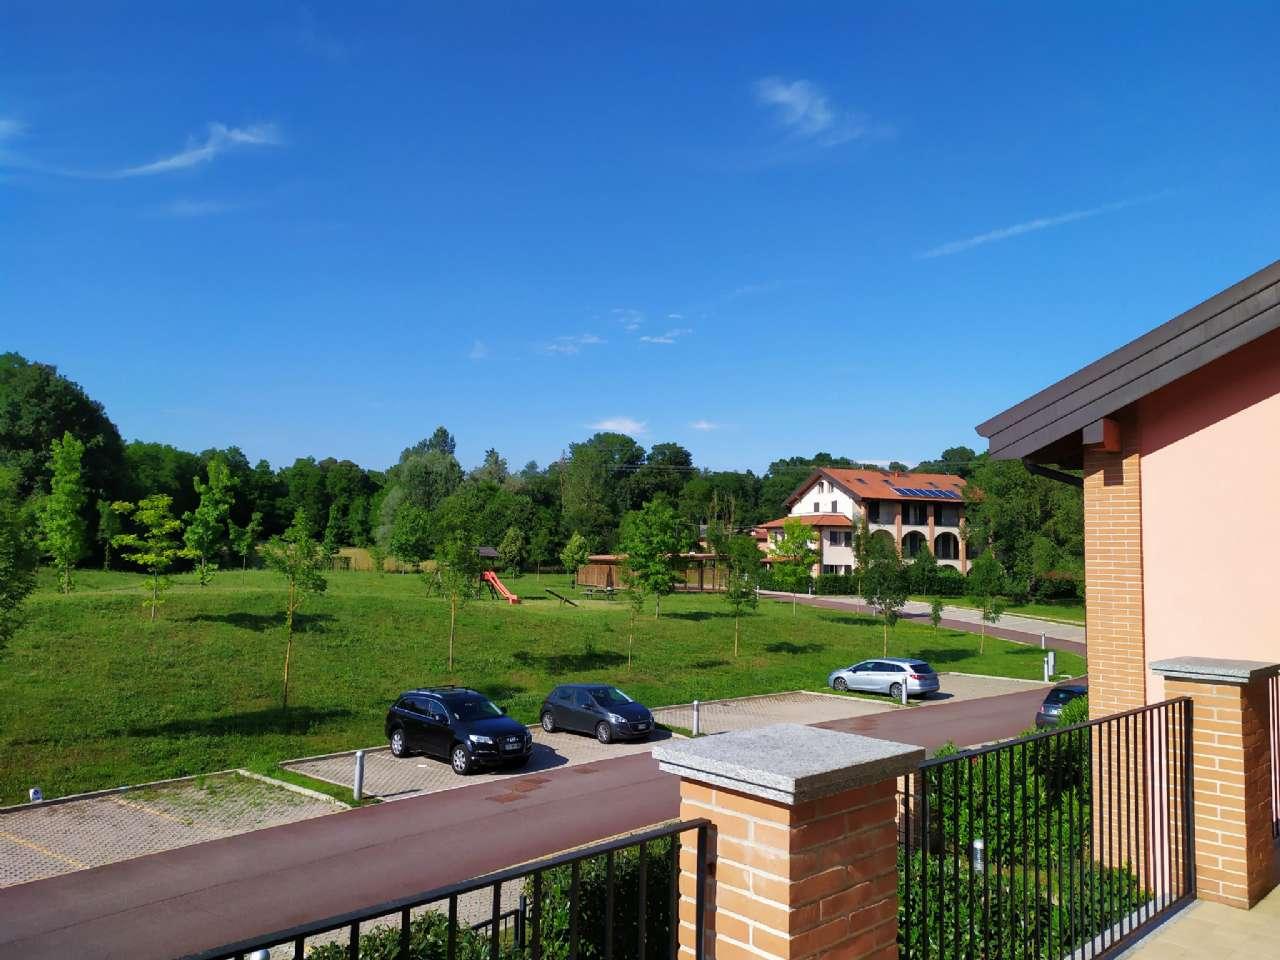 Lissago-Calcinate - Trilocale con ampio terrazzo panoramico e posto auto scoperto, foto 0